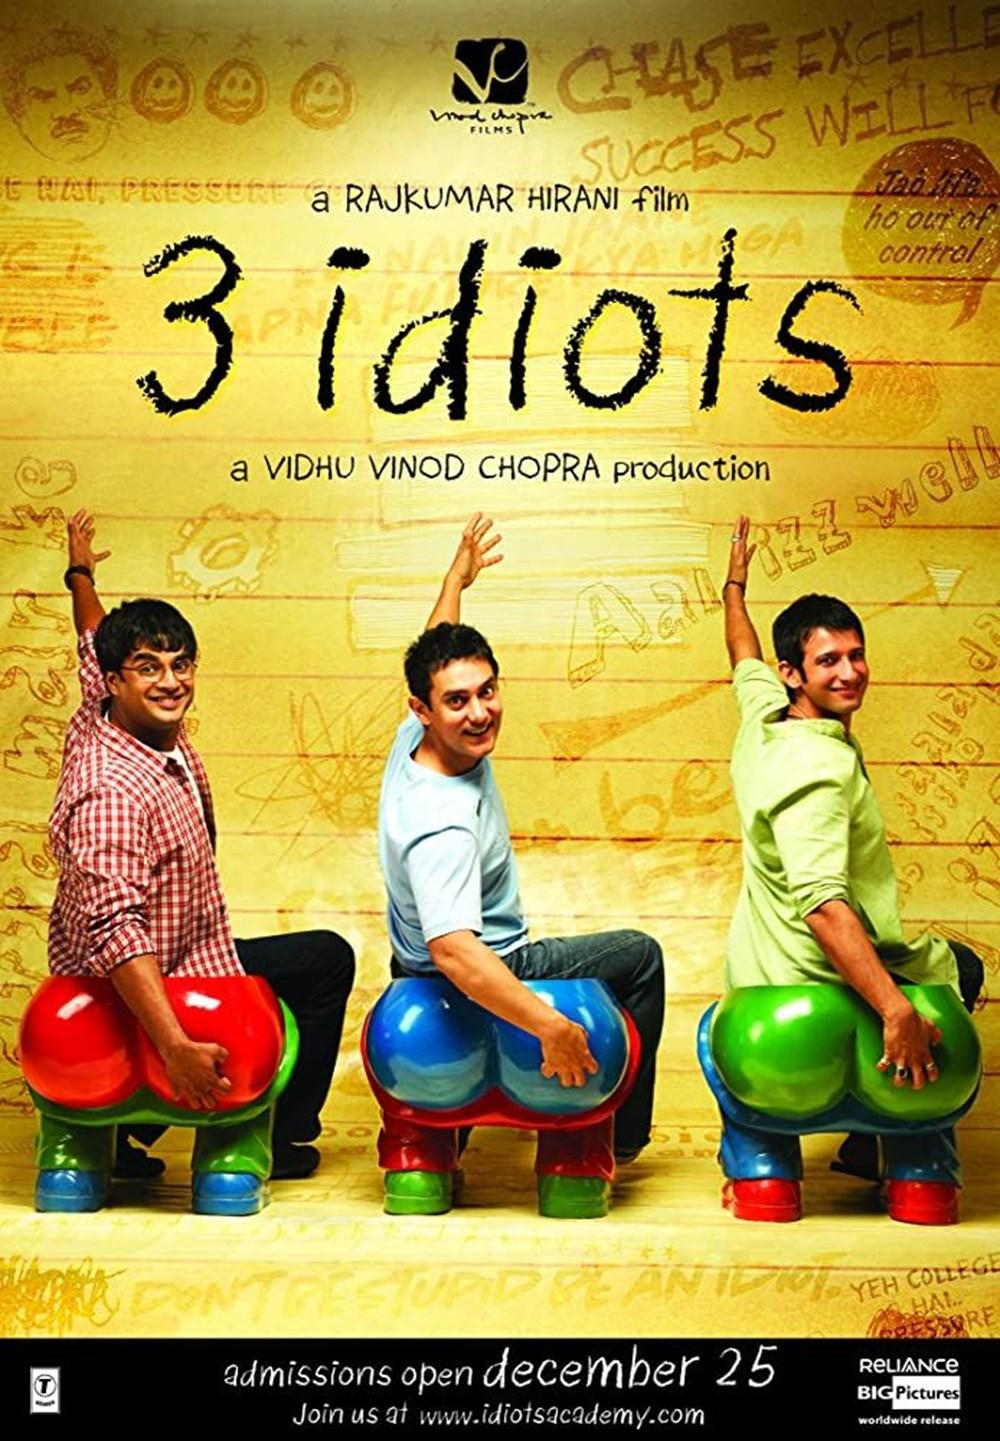 En iyi Hint filmleri - IMDb verileri (Bollywood sineması) - 38